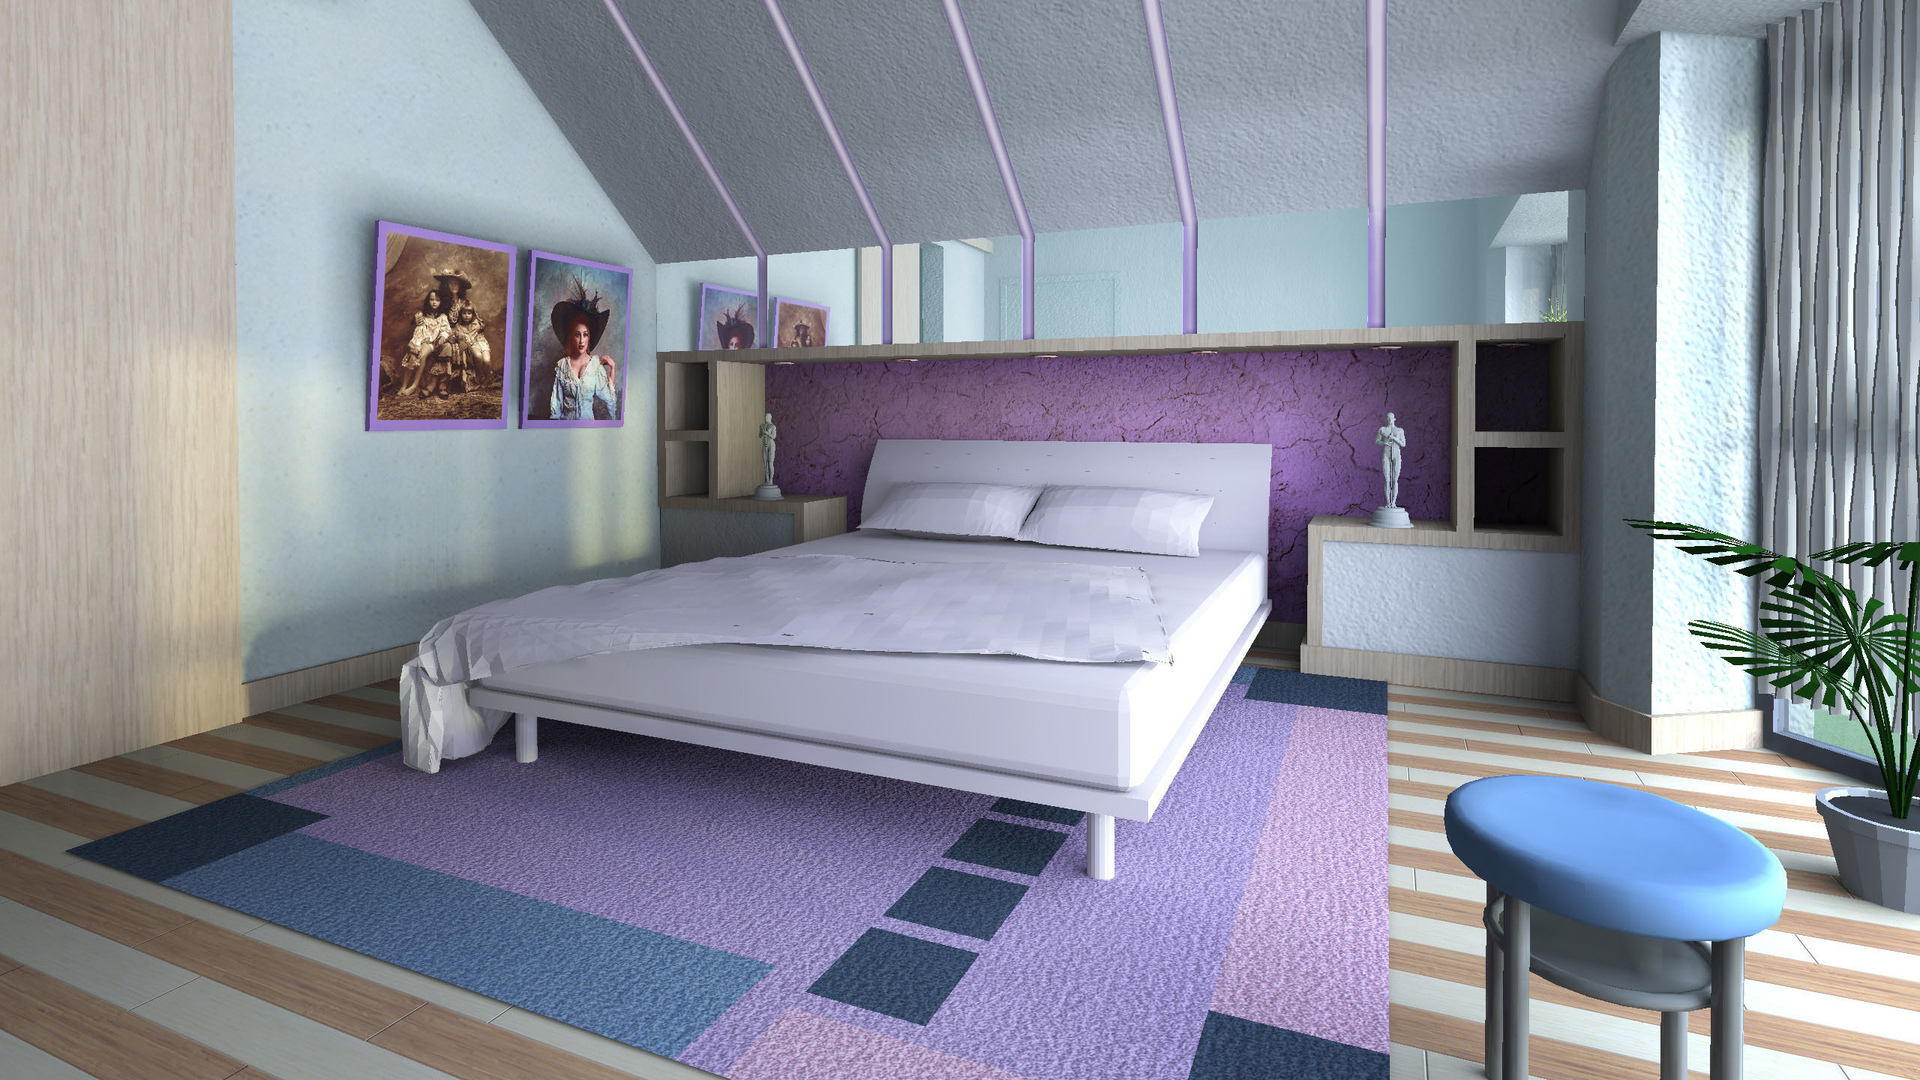 Фото дизайн интерьер комнат и домов